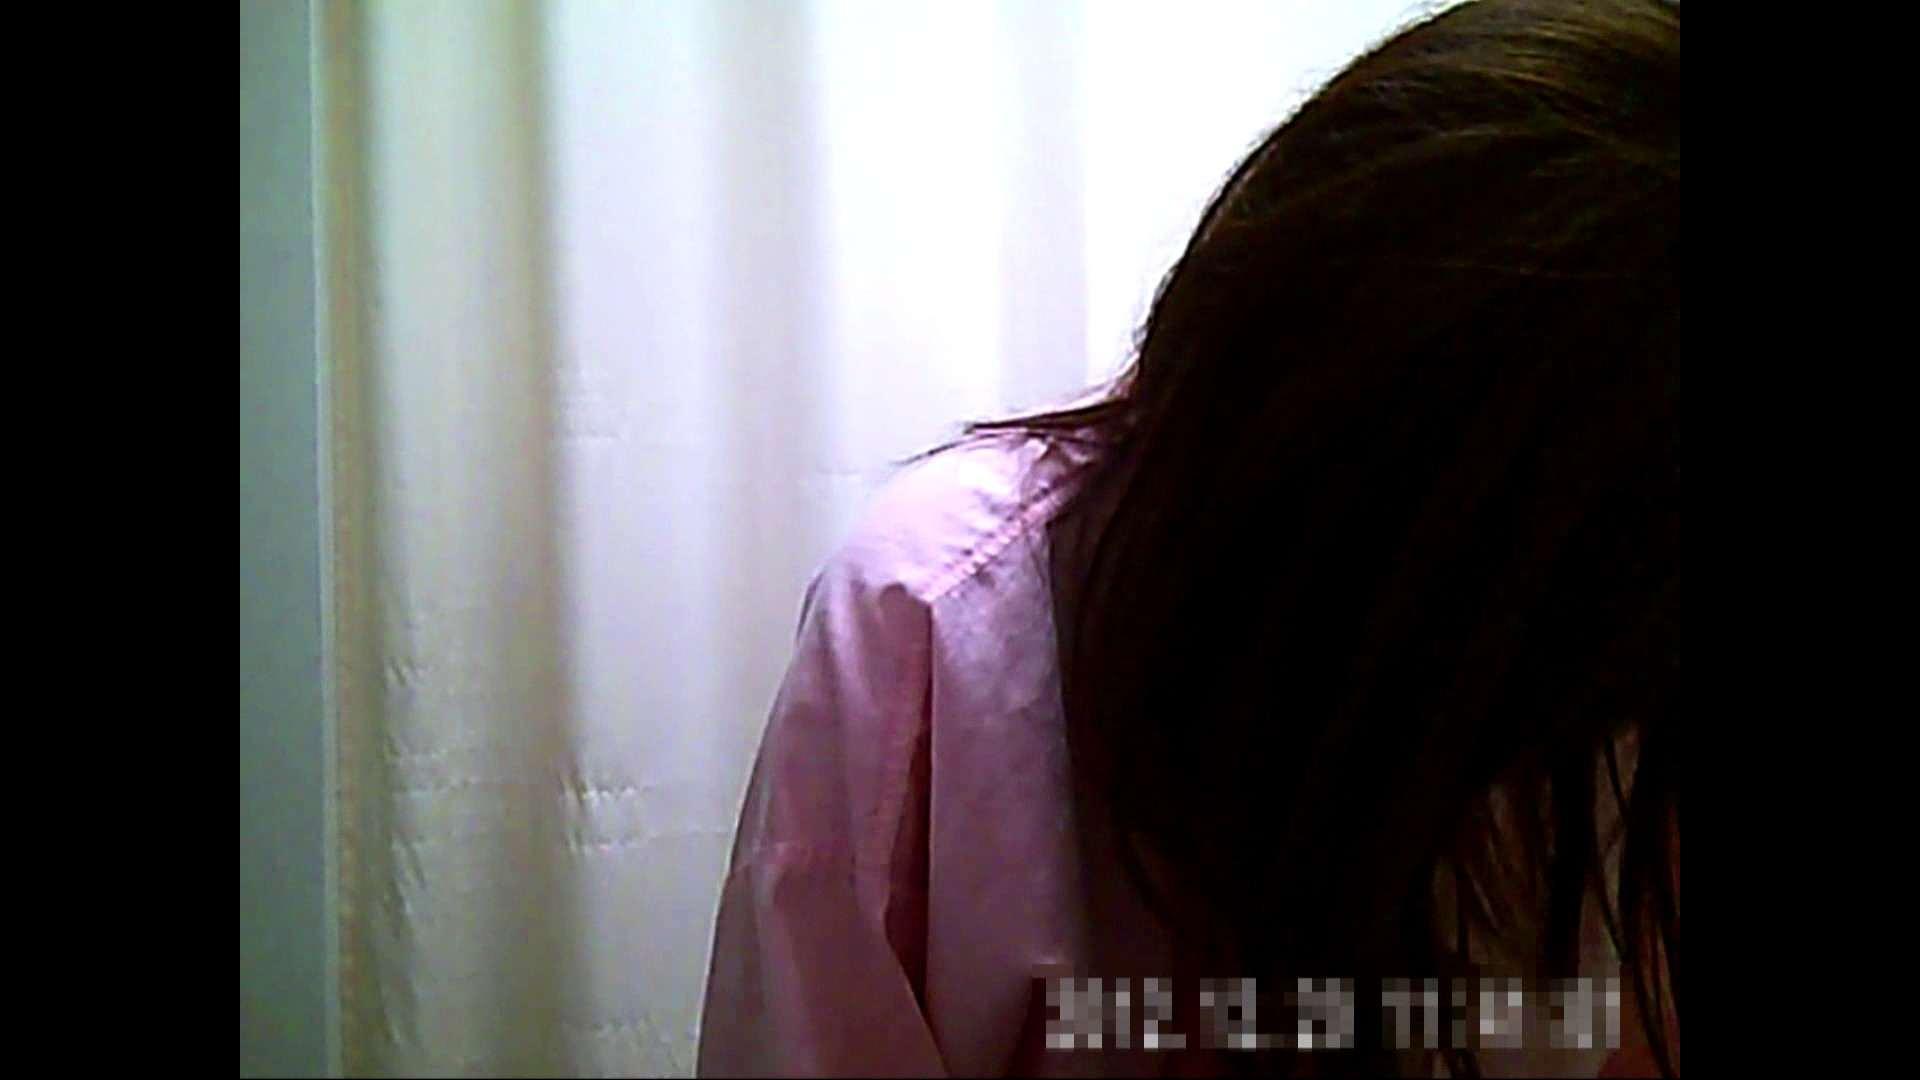 病院おもいっきり着替え! vol.181 乳首 盗撮セックス無修正動画無料 102pic 10